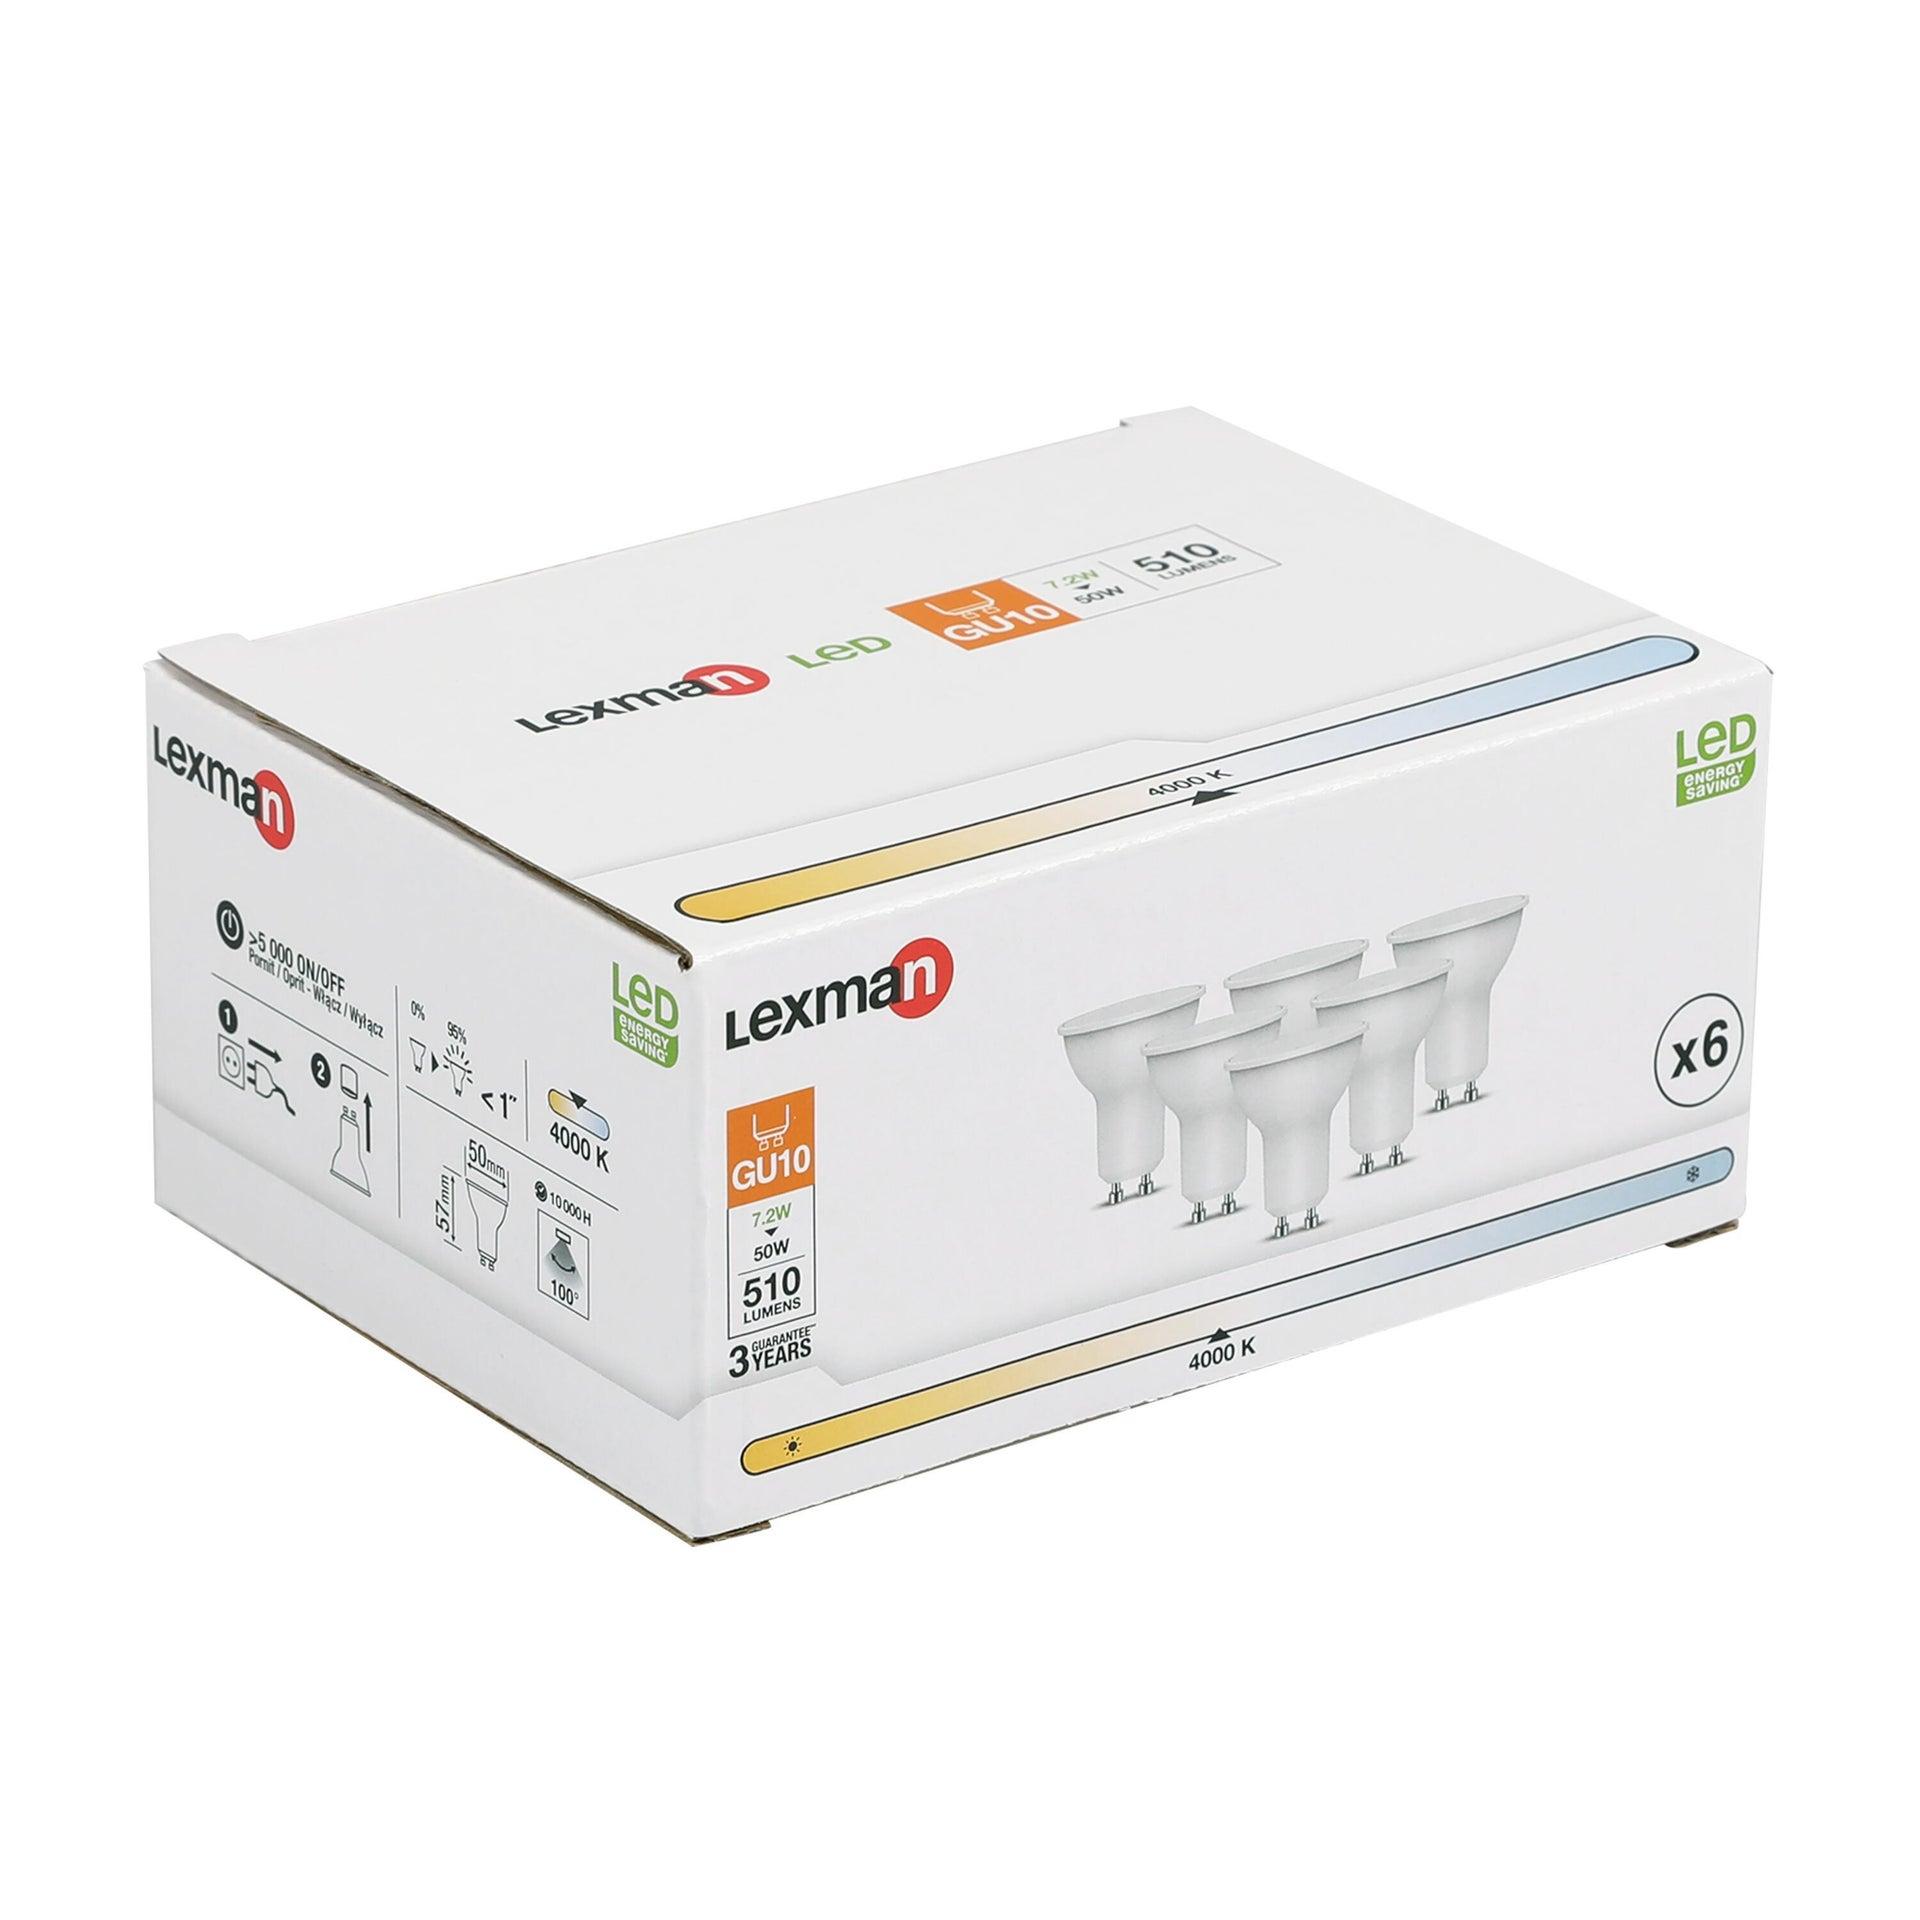 Set di 6 lampadine LED, GU10, Faretto, Smerigliato, Luce naturale, 6W=450LM (equiv 50 W), 100° , LEXMAN - 5